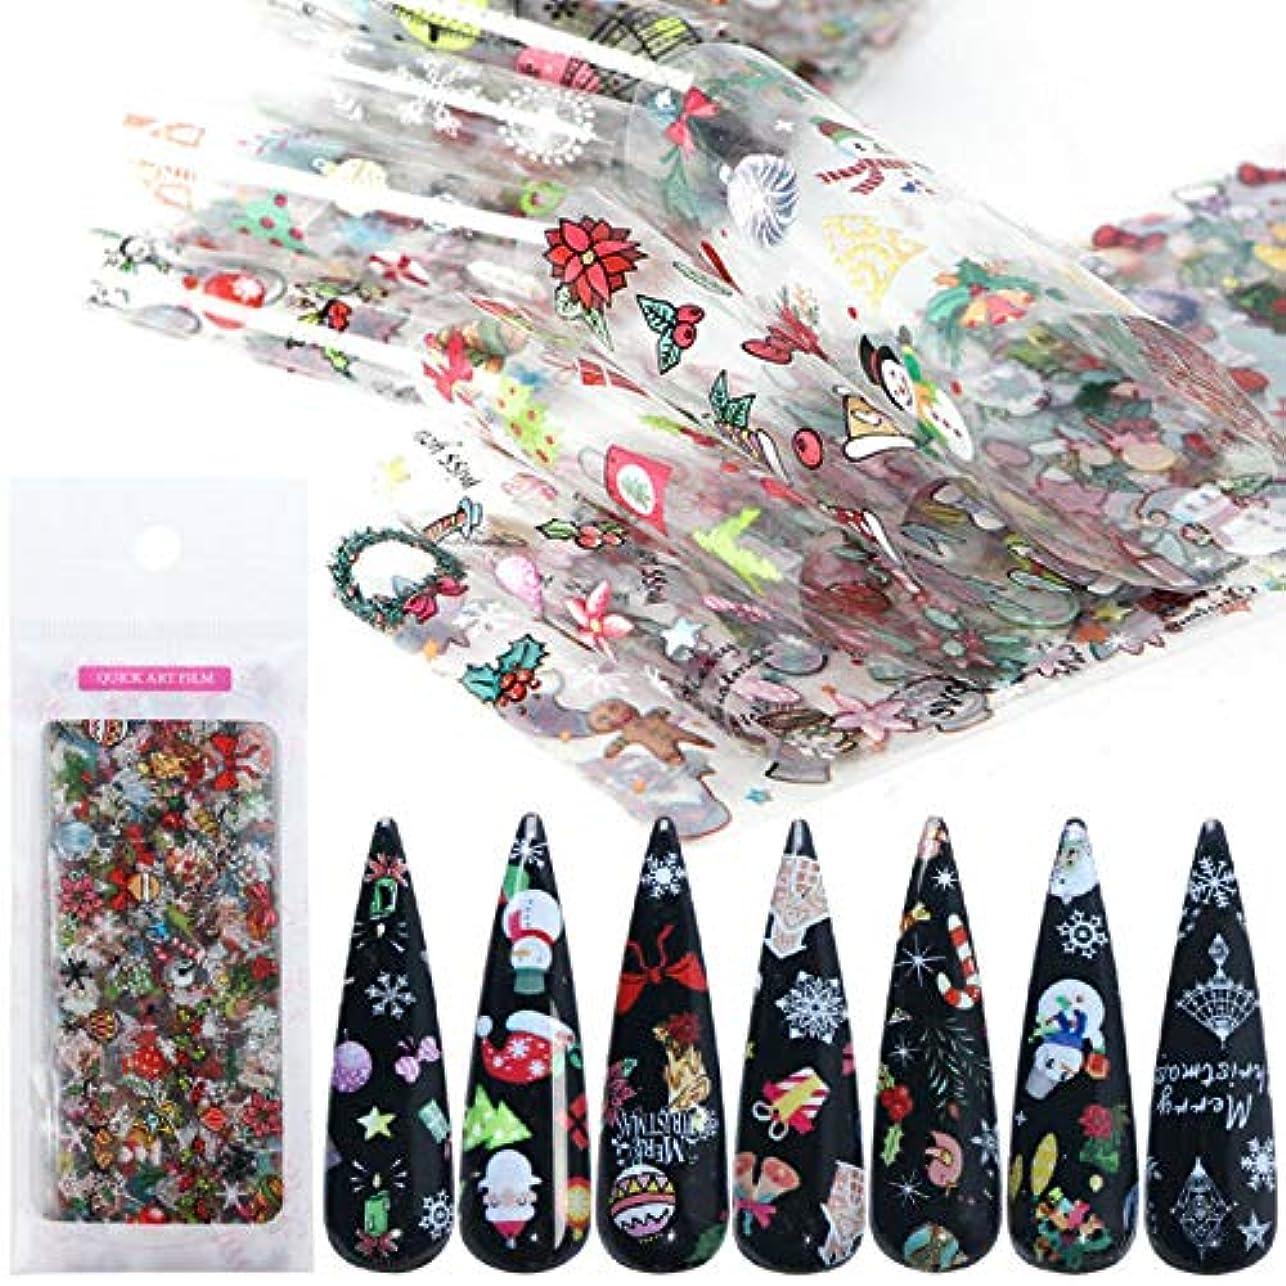 パートナートラップ保護10ピースクリスマステーマネイルアートステッカーネイルアートデカールネイルアートデコレーションスノーフレーク雪だるま花クリスマス関連ミックスデザイン